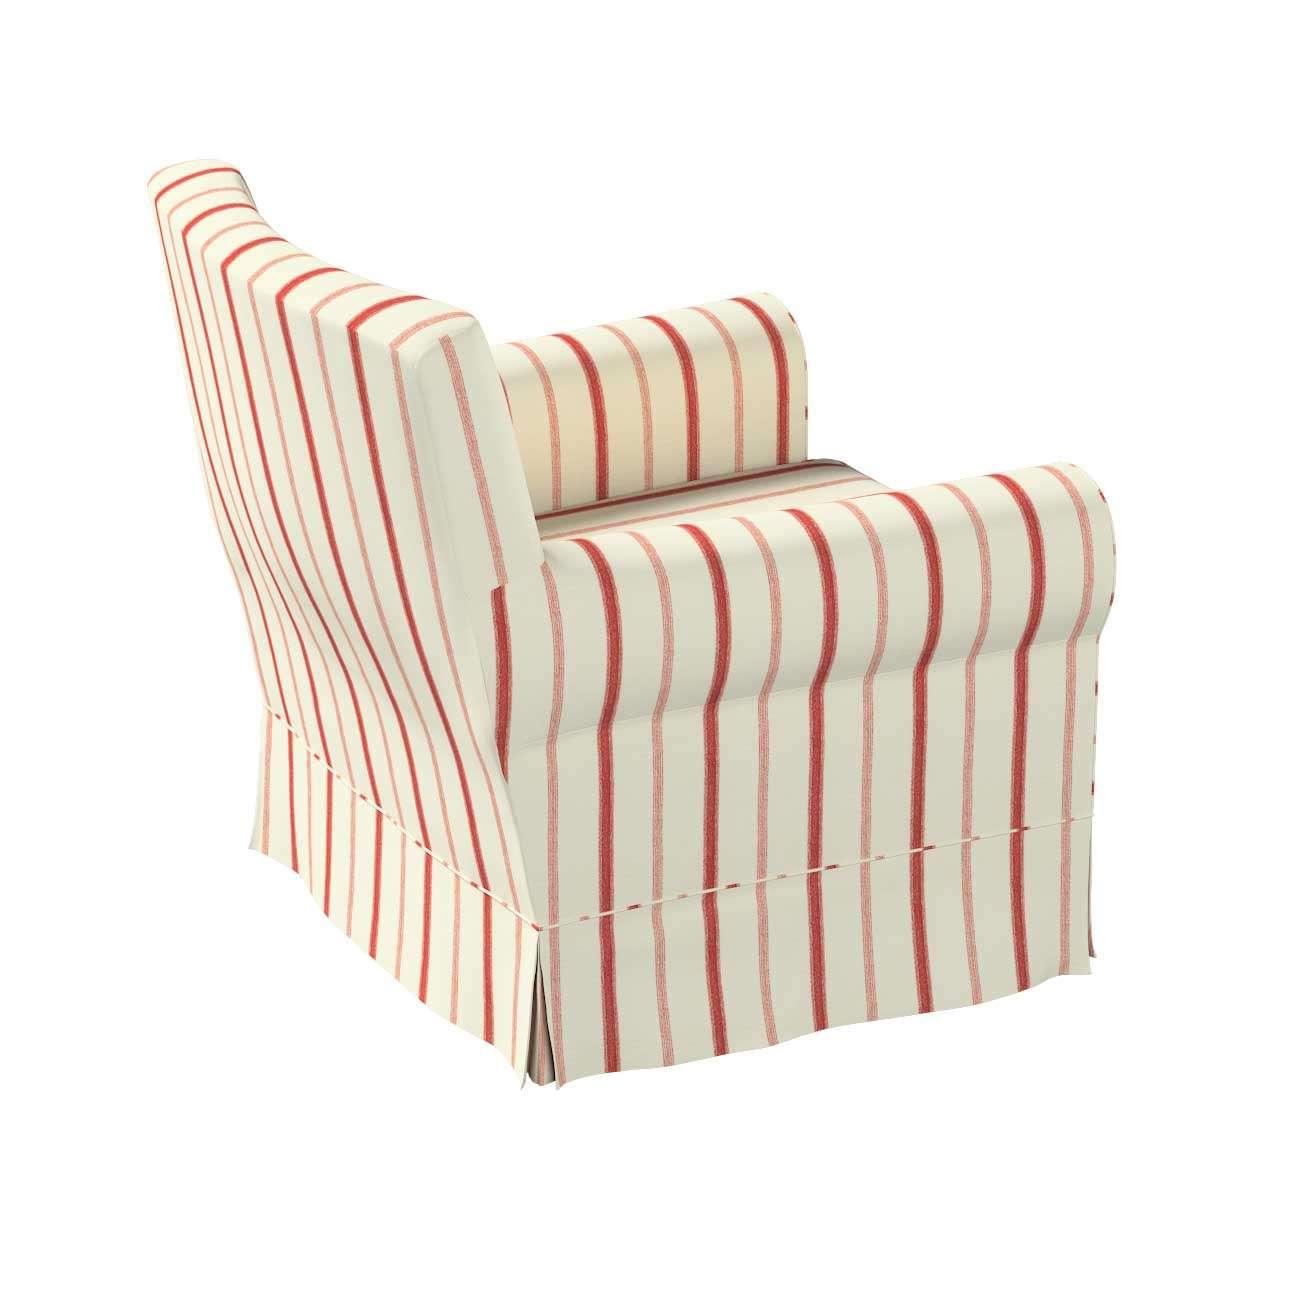 Pokrowiec na fotel Ektorp Jennylund w kolekcji Avinon, tkanina: 129-15